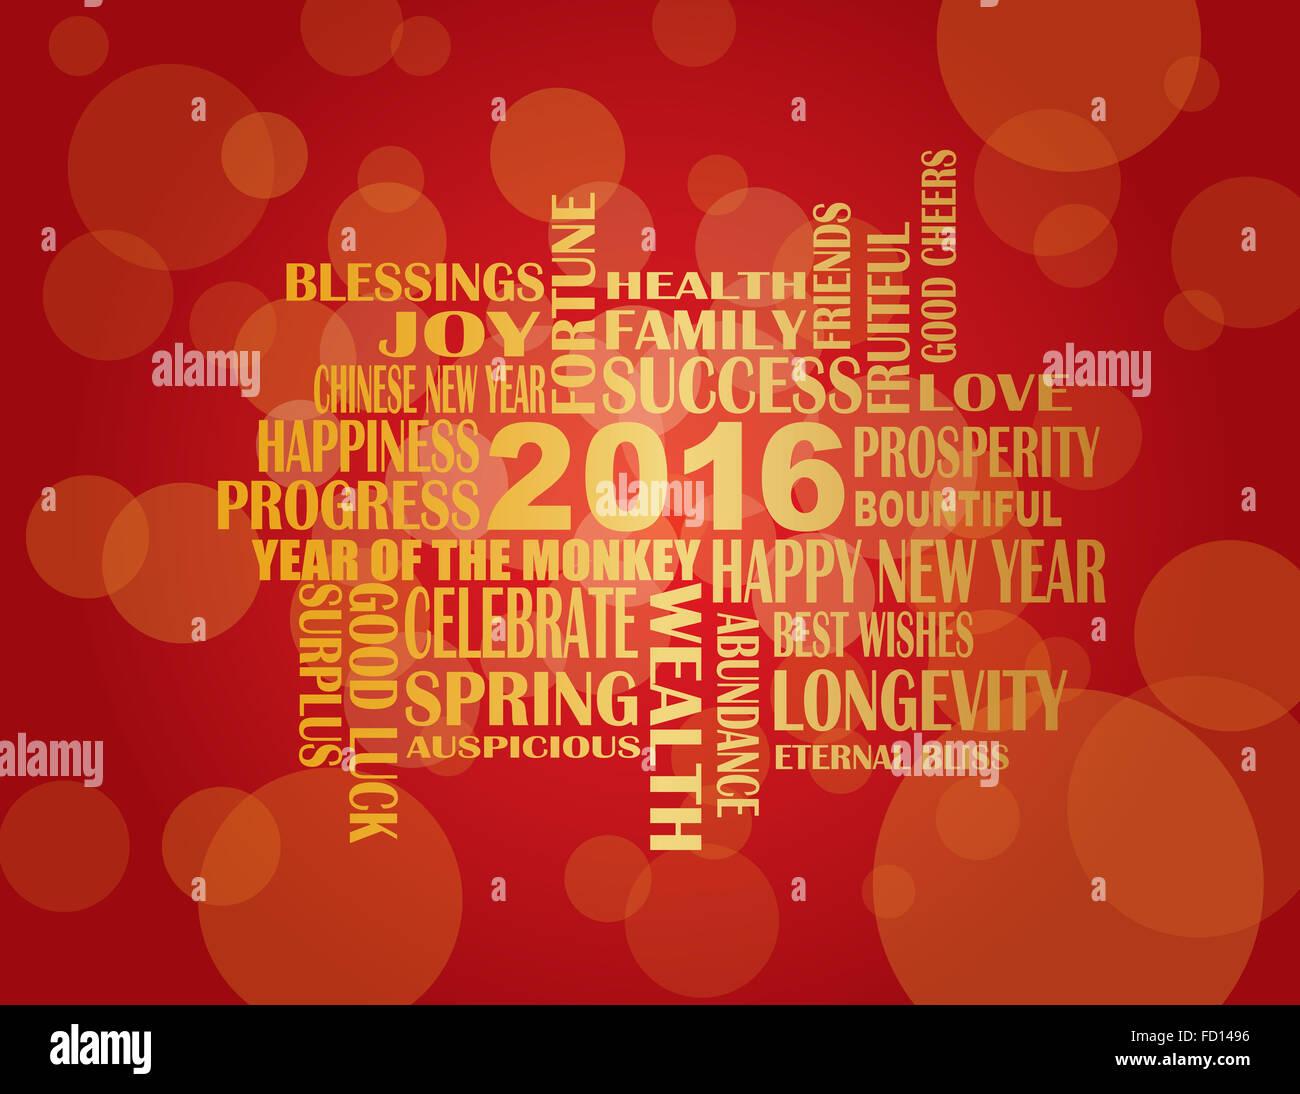 2016 Chinese Lunar New Year Englisch Grüße Text wünschen Gesundheit ...